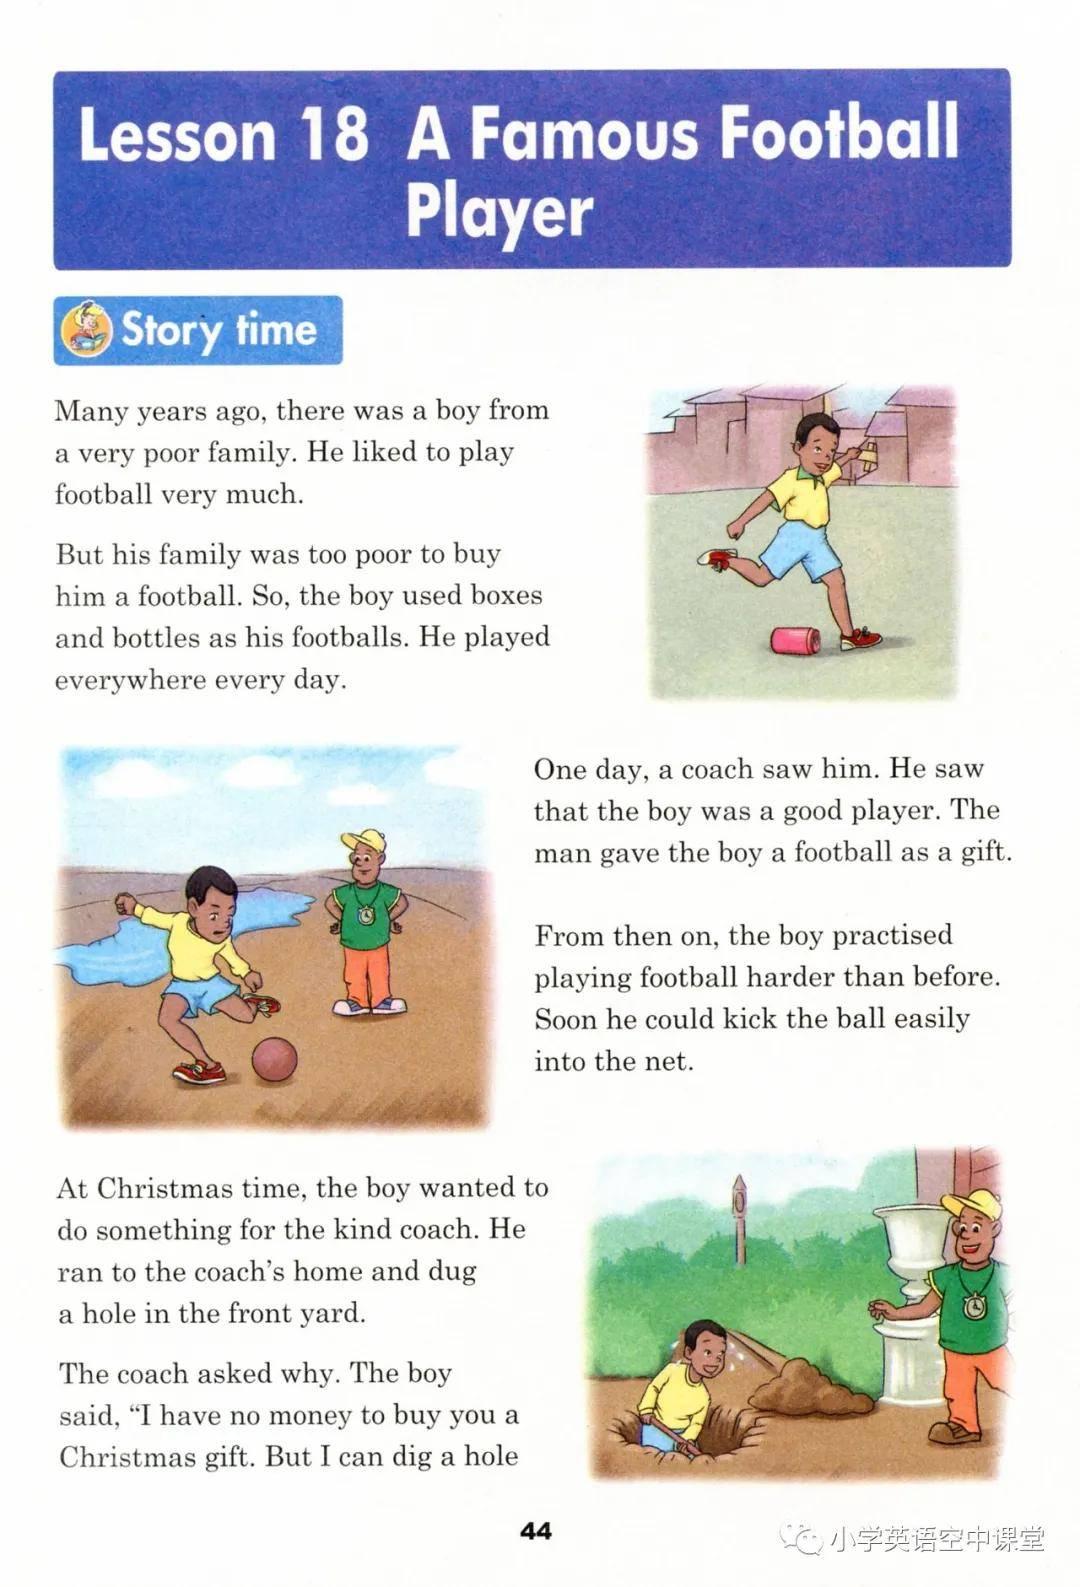 译林版小学英语教材人物图片-英语素材